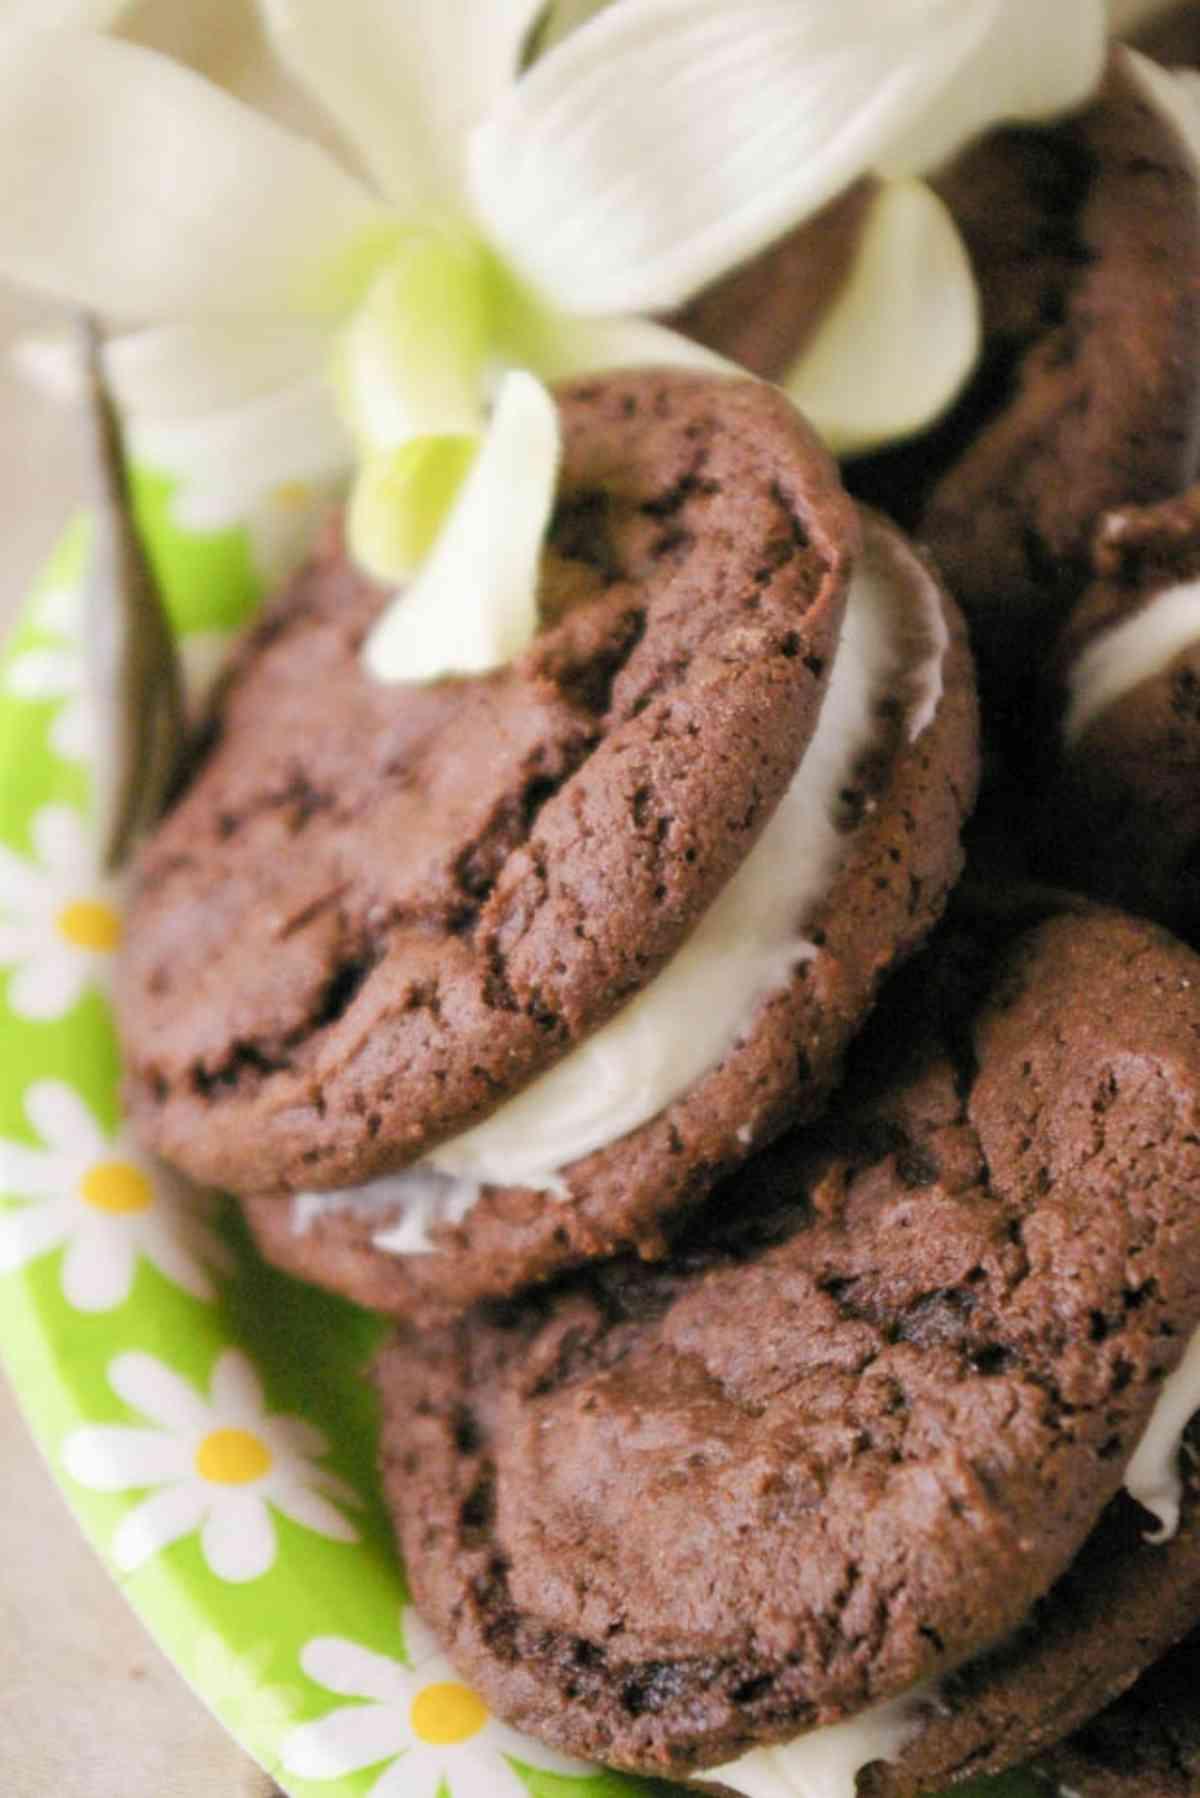 A plate of homemade oreo cookies.